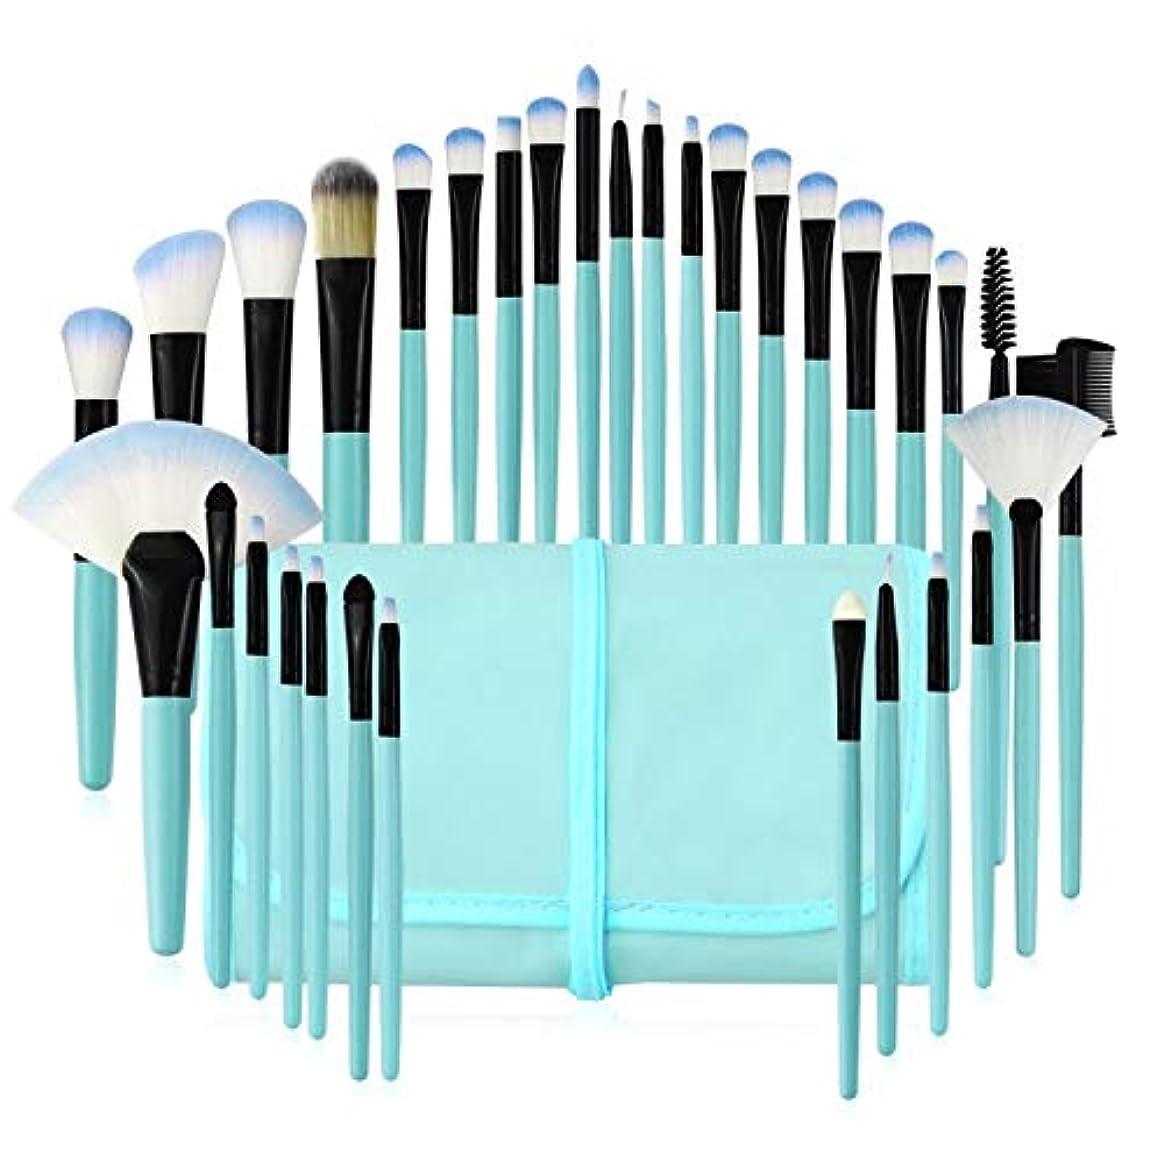 目立つ注意マニュアルメイクブラシ32本 セット フェイスブラシ 化粧筆 化粧ブラシ おしゃれ 超柔らかい 高級繊維毛 化粧ポーチ付き 高級タクロン 日常の化粧 集まる化粧(ブルー)